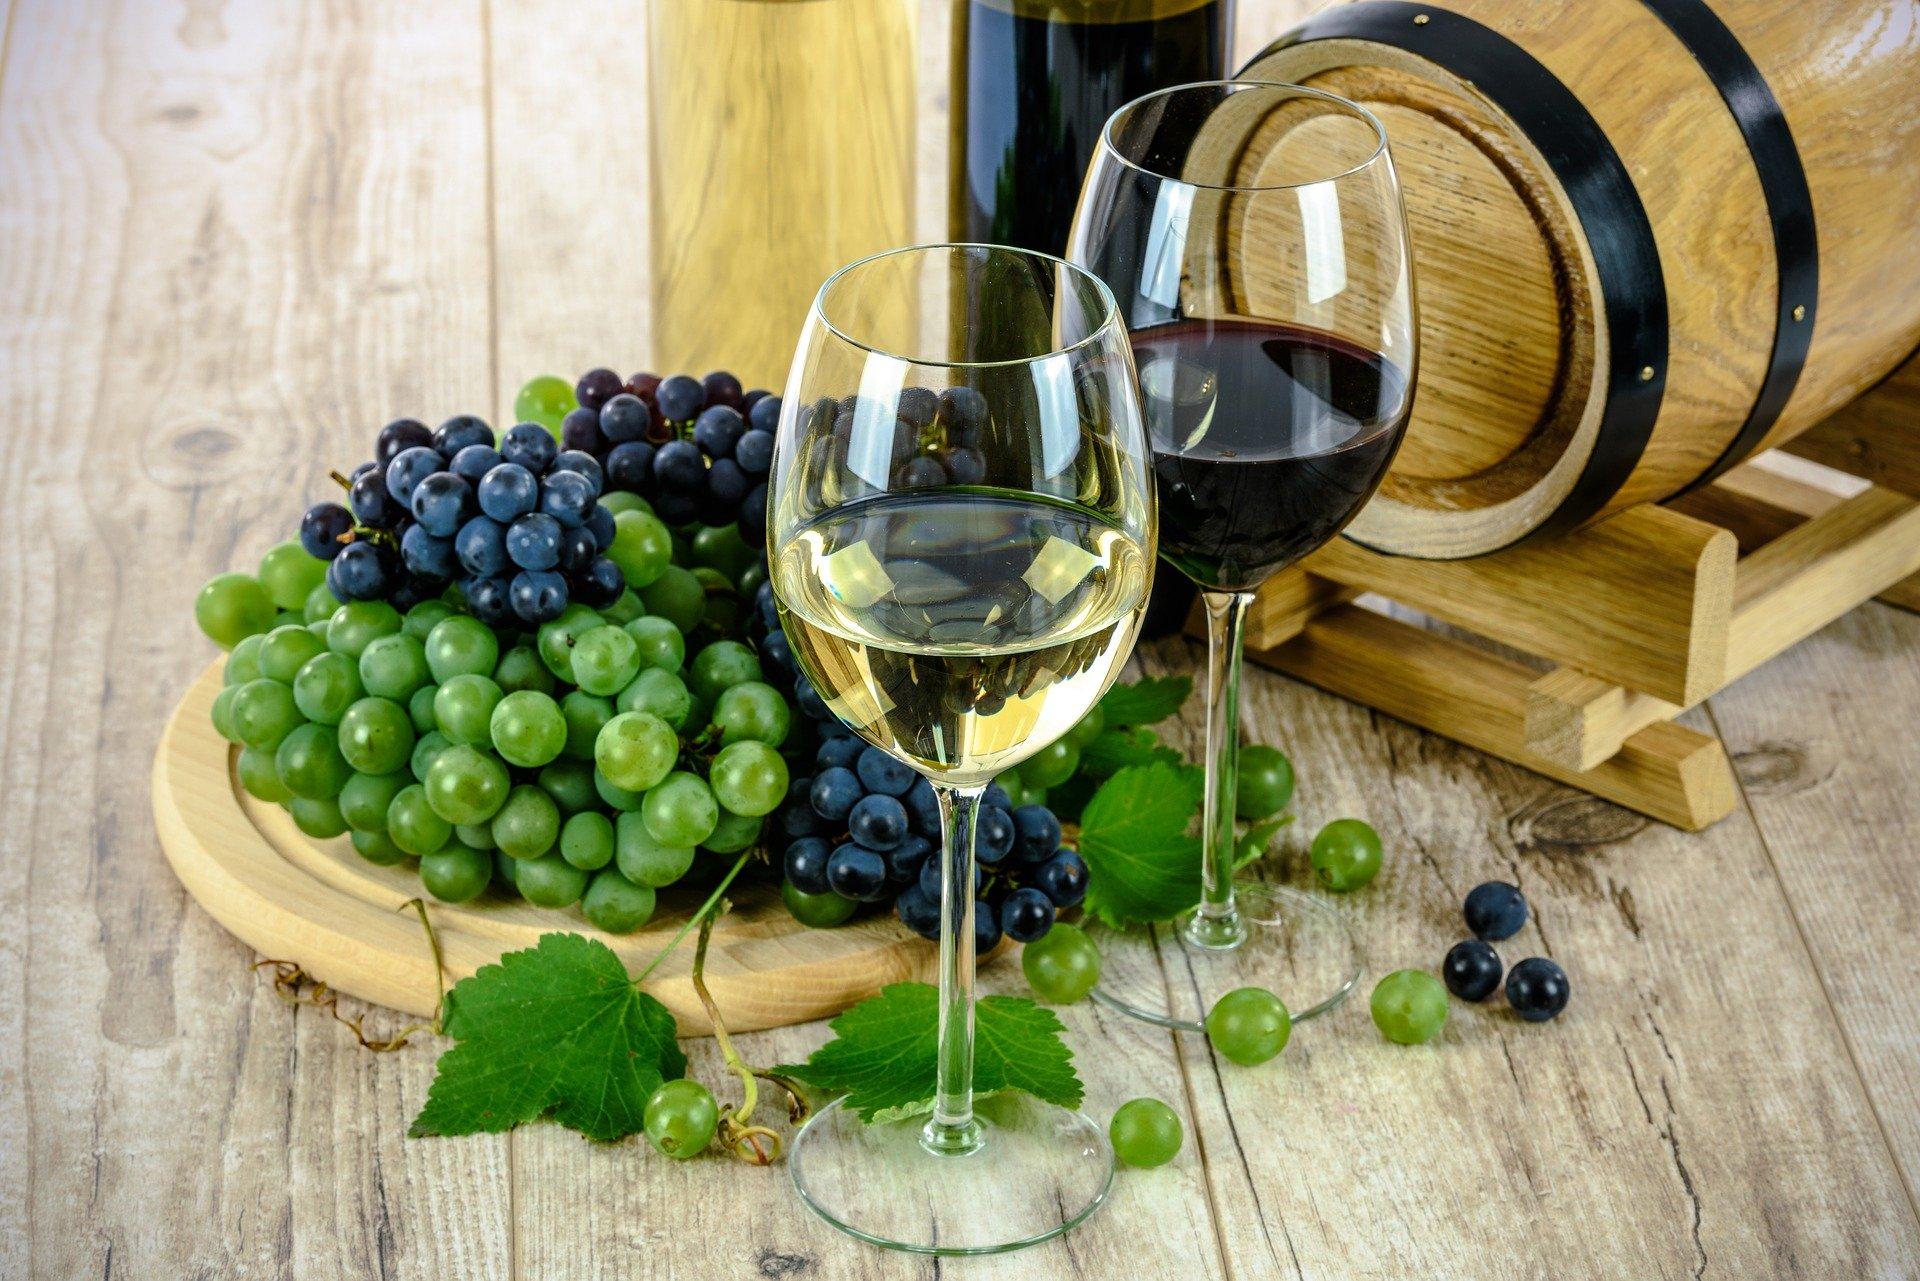 【10月25日】富士屋本店かっちゃんによる「ワインを楽しむ会」を開催!